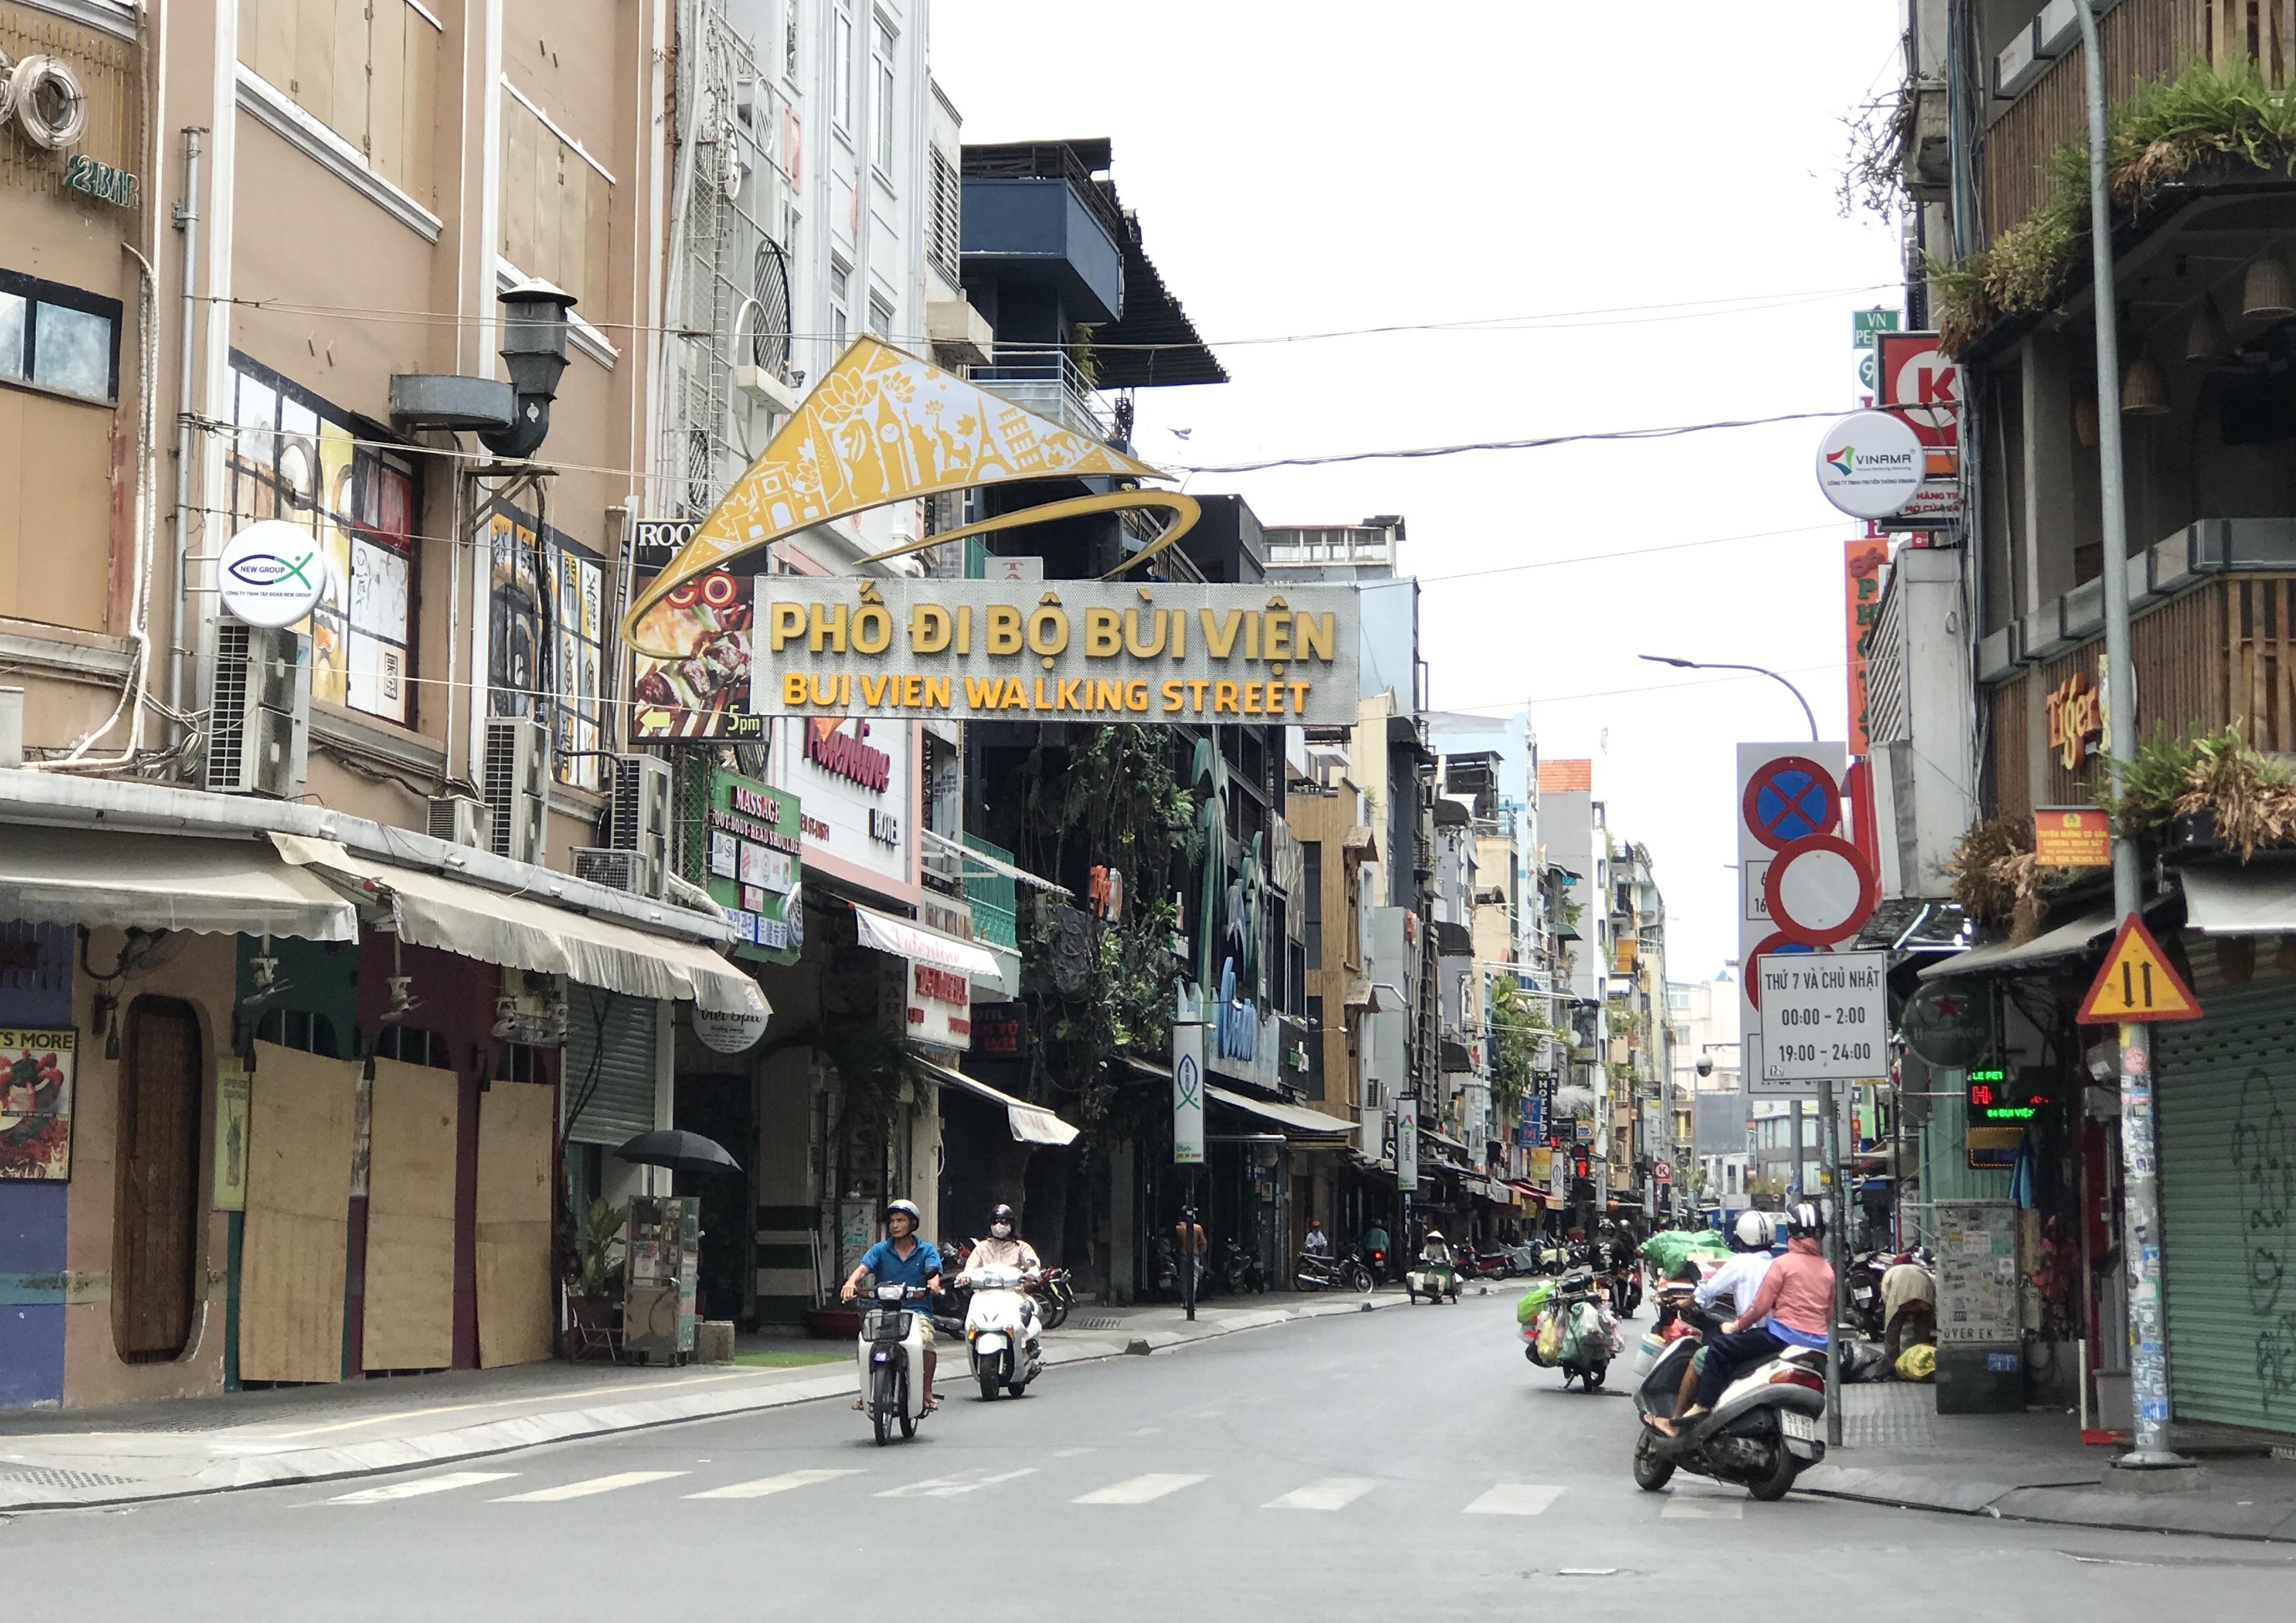 Hàng quán Sài Gòn tất bật dọn dẹp, hi vọng được mở cửa hoạt động lại vào ngày mai - Ảnh 4.